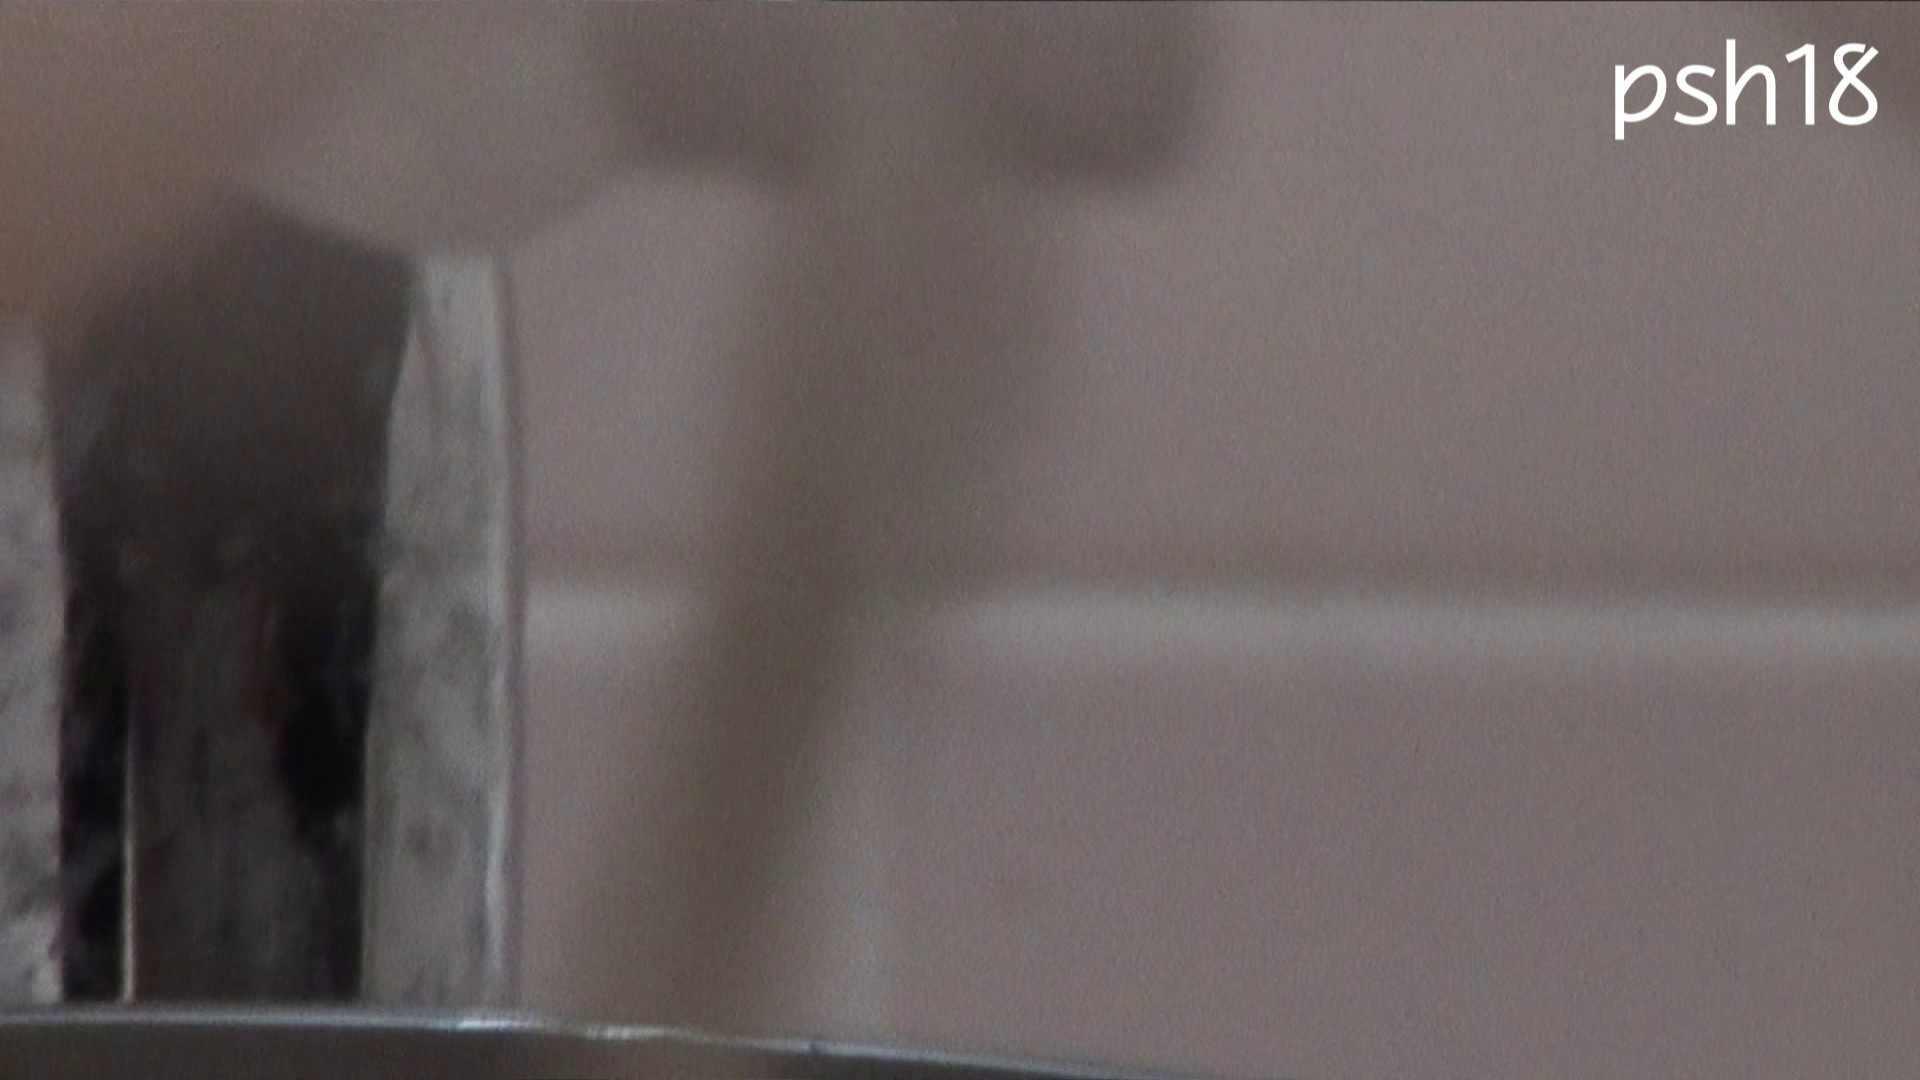 ▲復活限定▲ハイビジョン 盗神伝 Vol.18 ギャル達 戯れ無修正画像 104枚 47